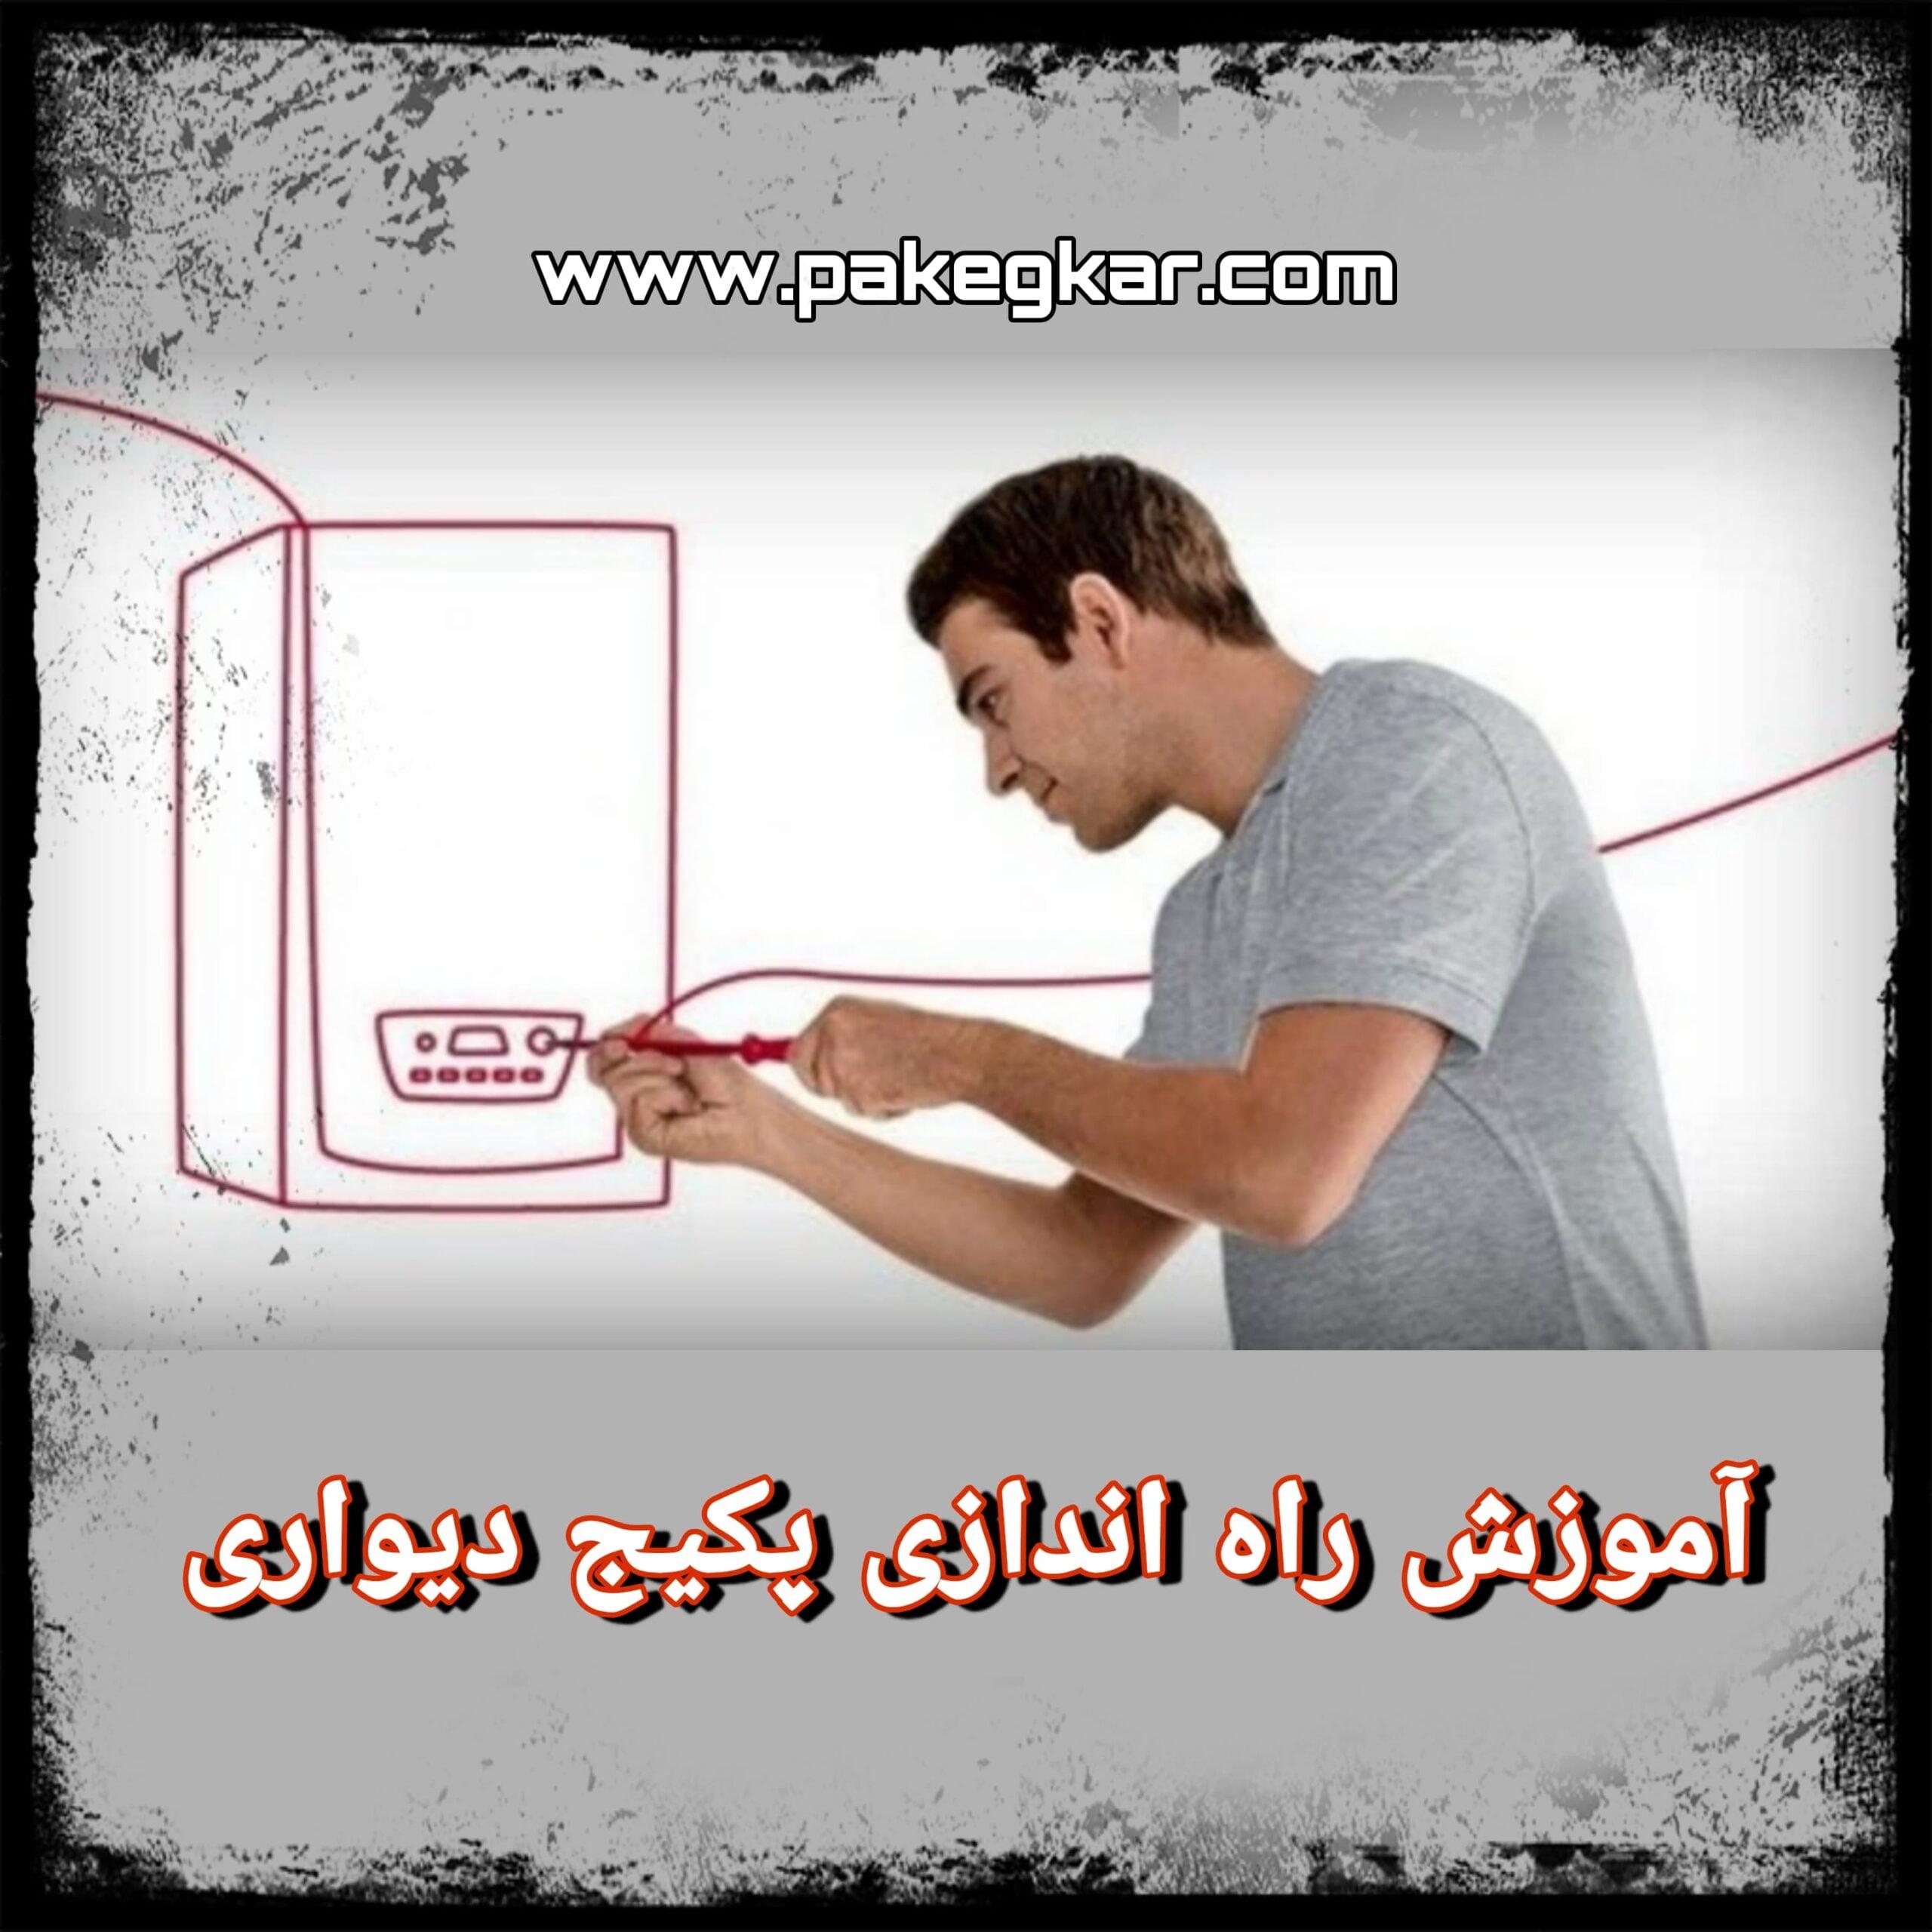 آموزش راه اندازی پکیج دیواری